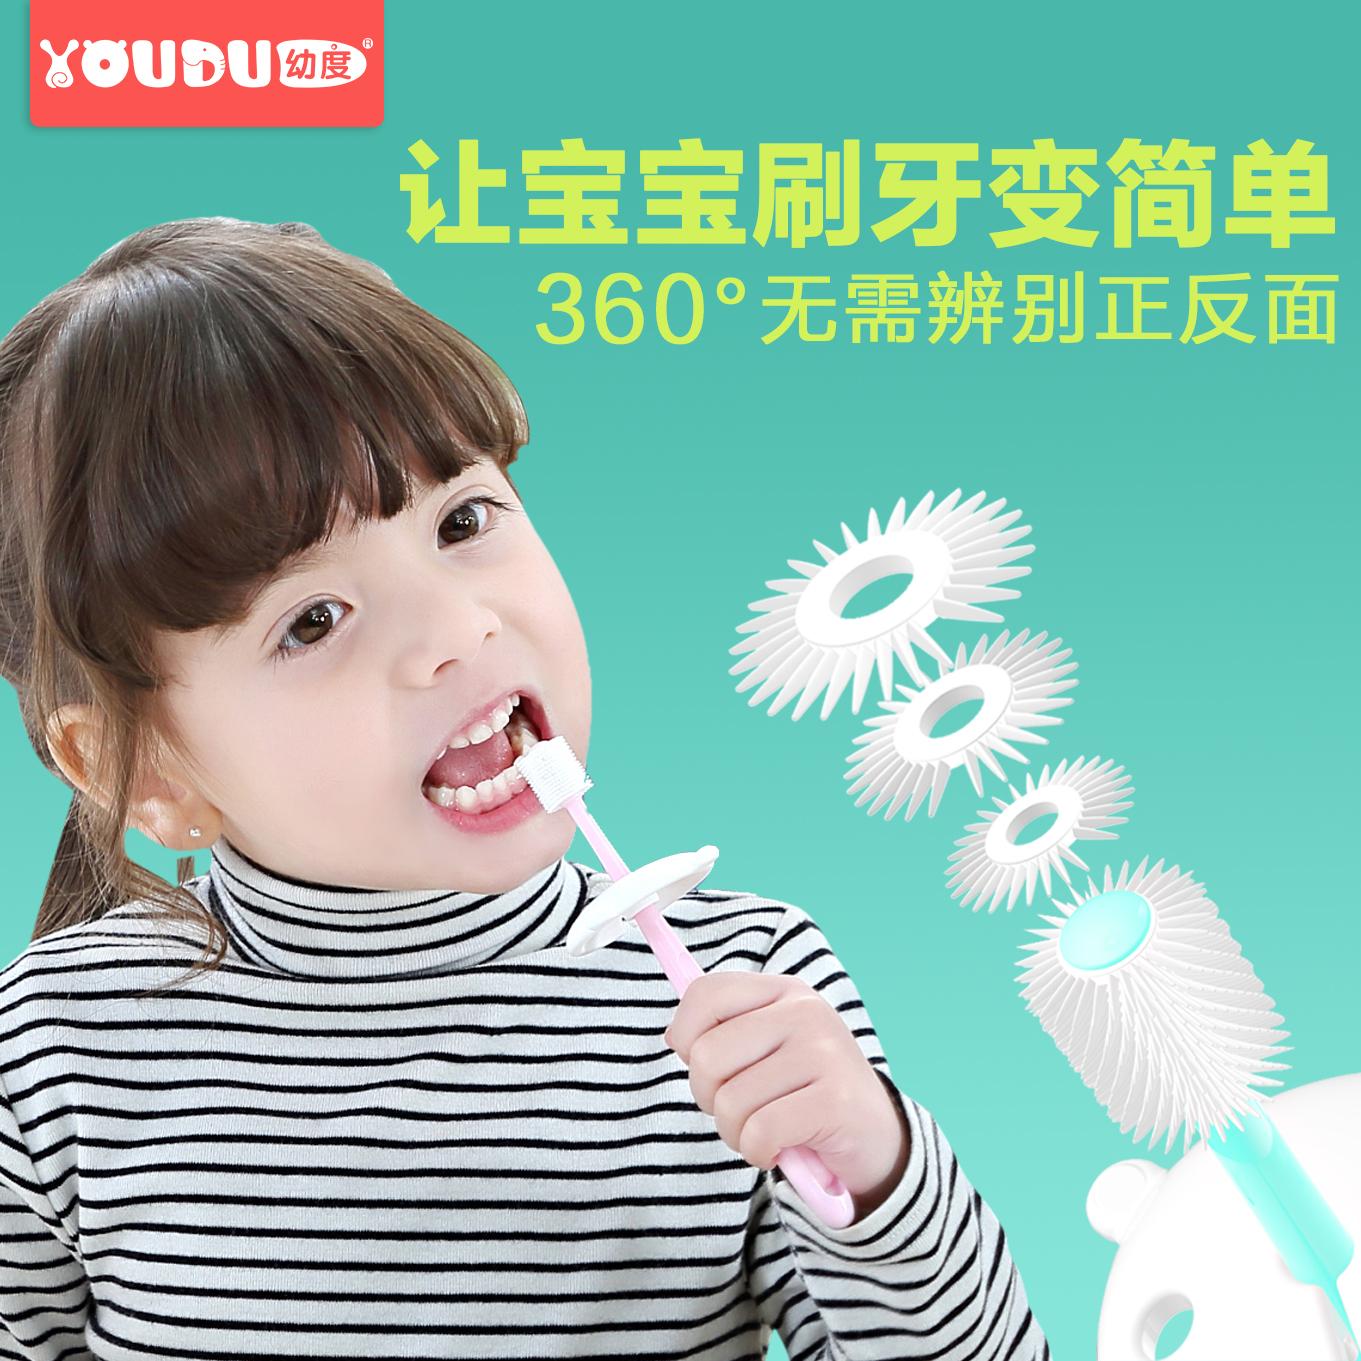 子供用歯ブラシ360度清潔3-6歳の柔らかい毛軟膏乳歯ブラシ赤ちゃんの歯を磨くトレーニング新品